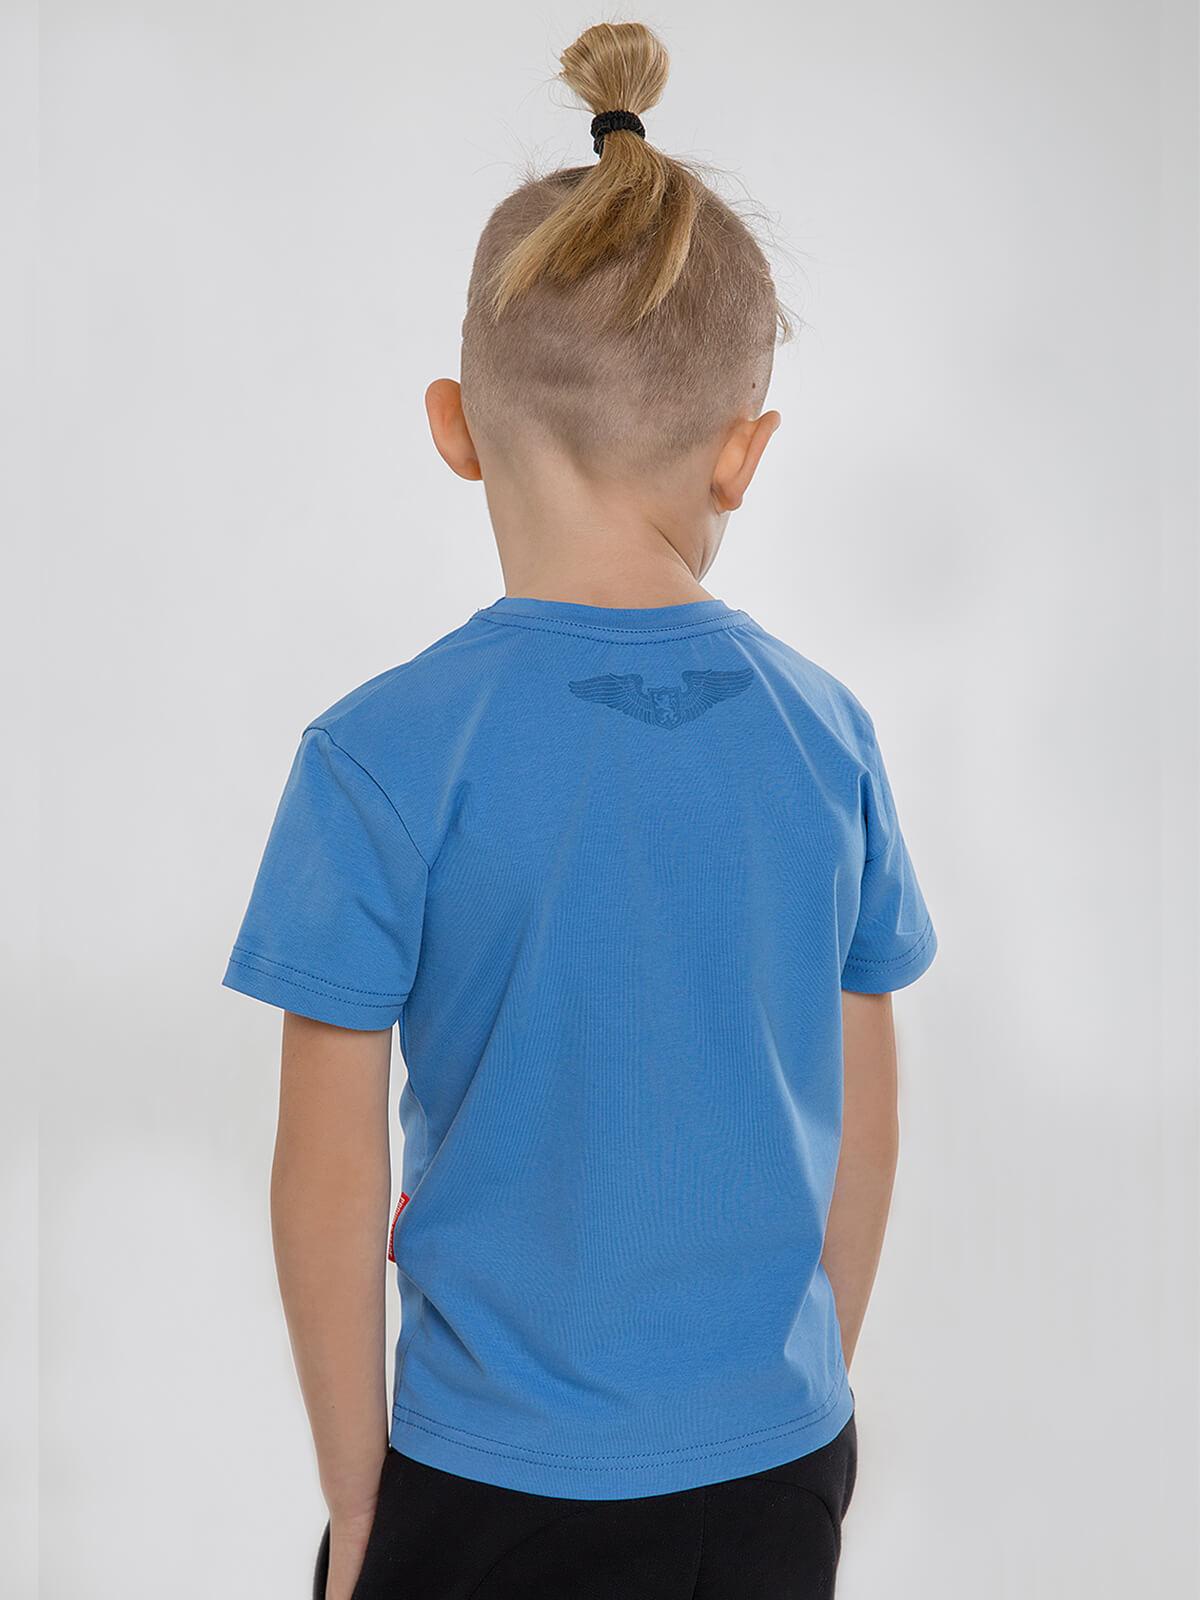 Дитяча Футболка То Моє Море. Колір блакитний. .